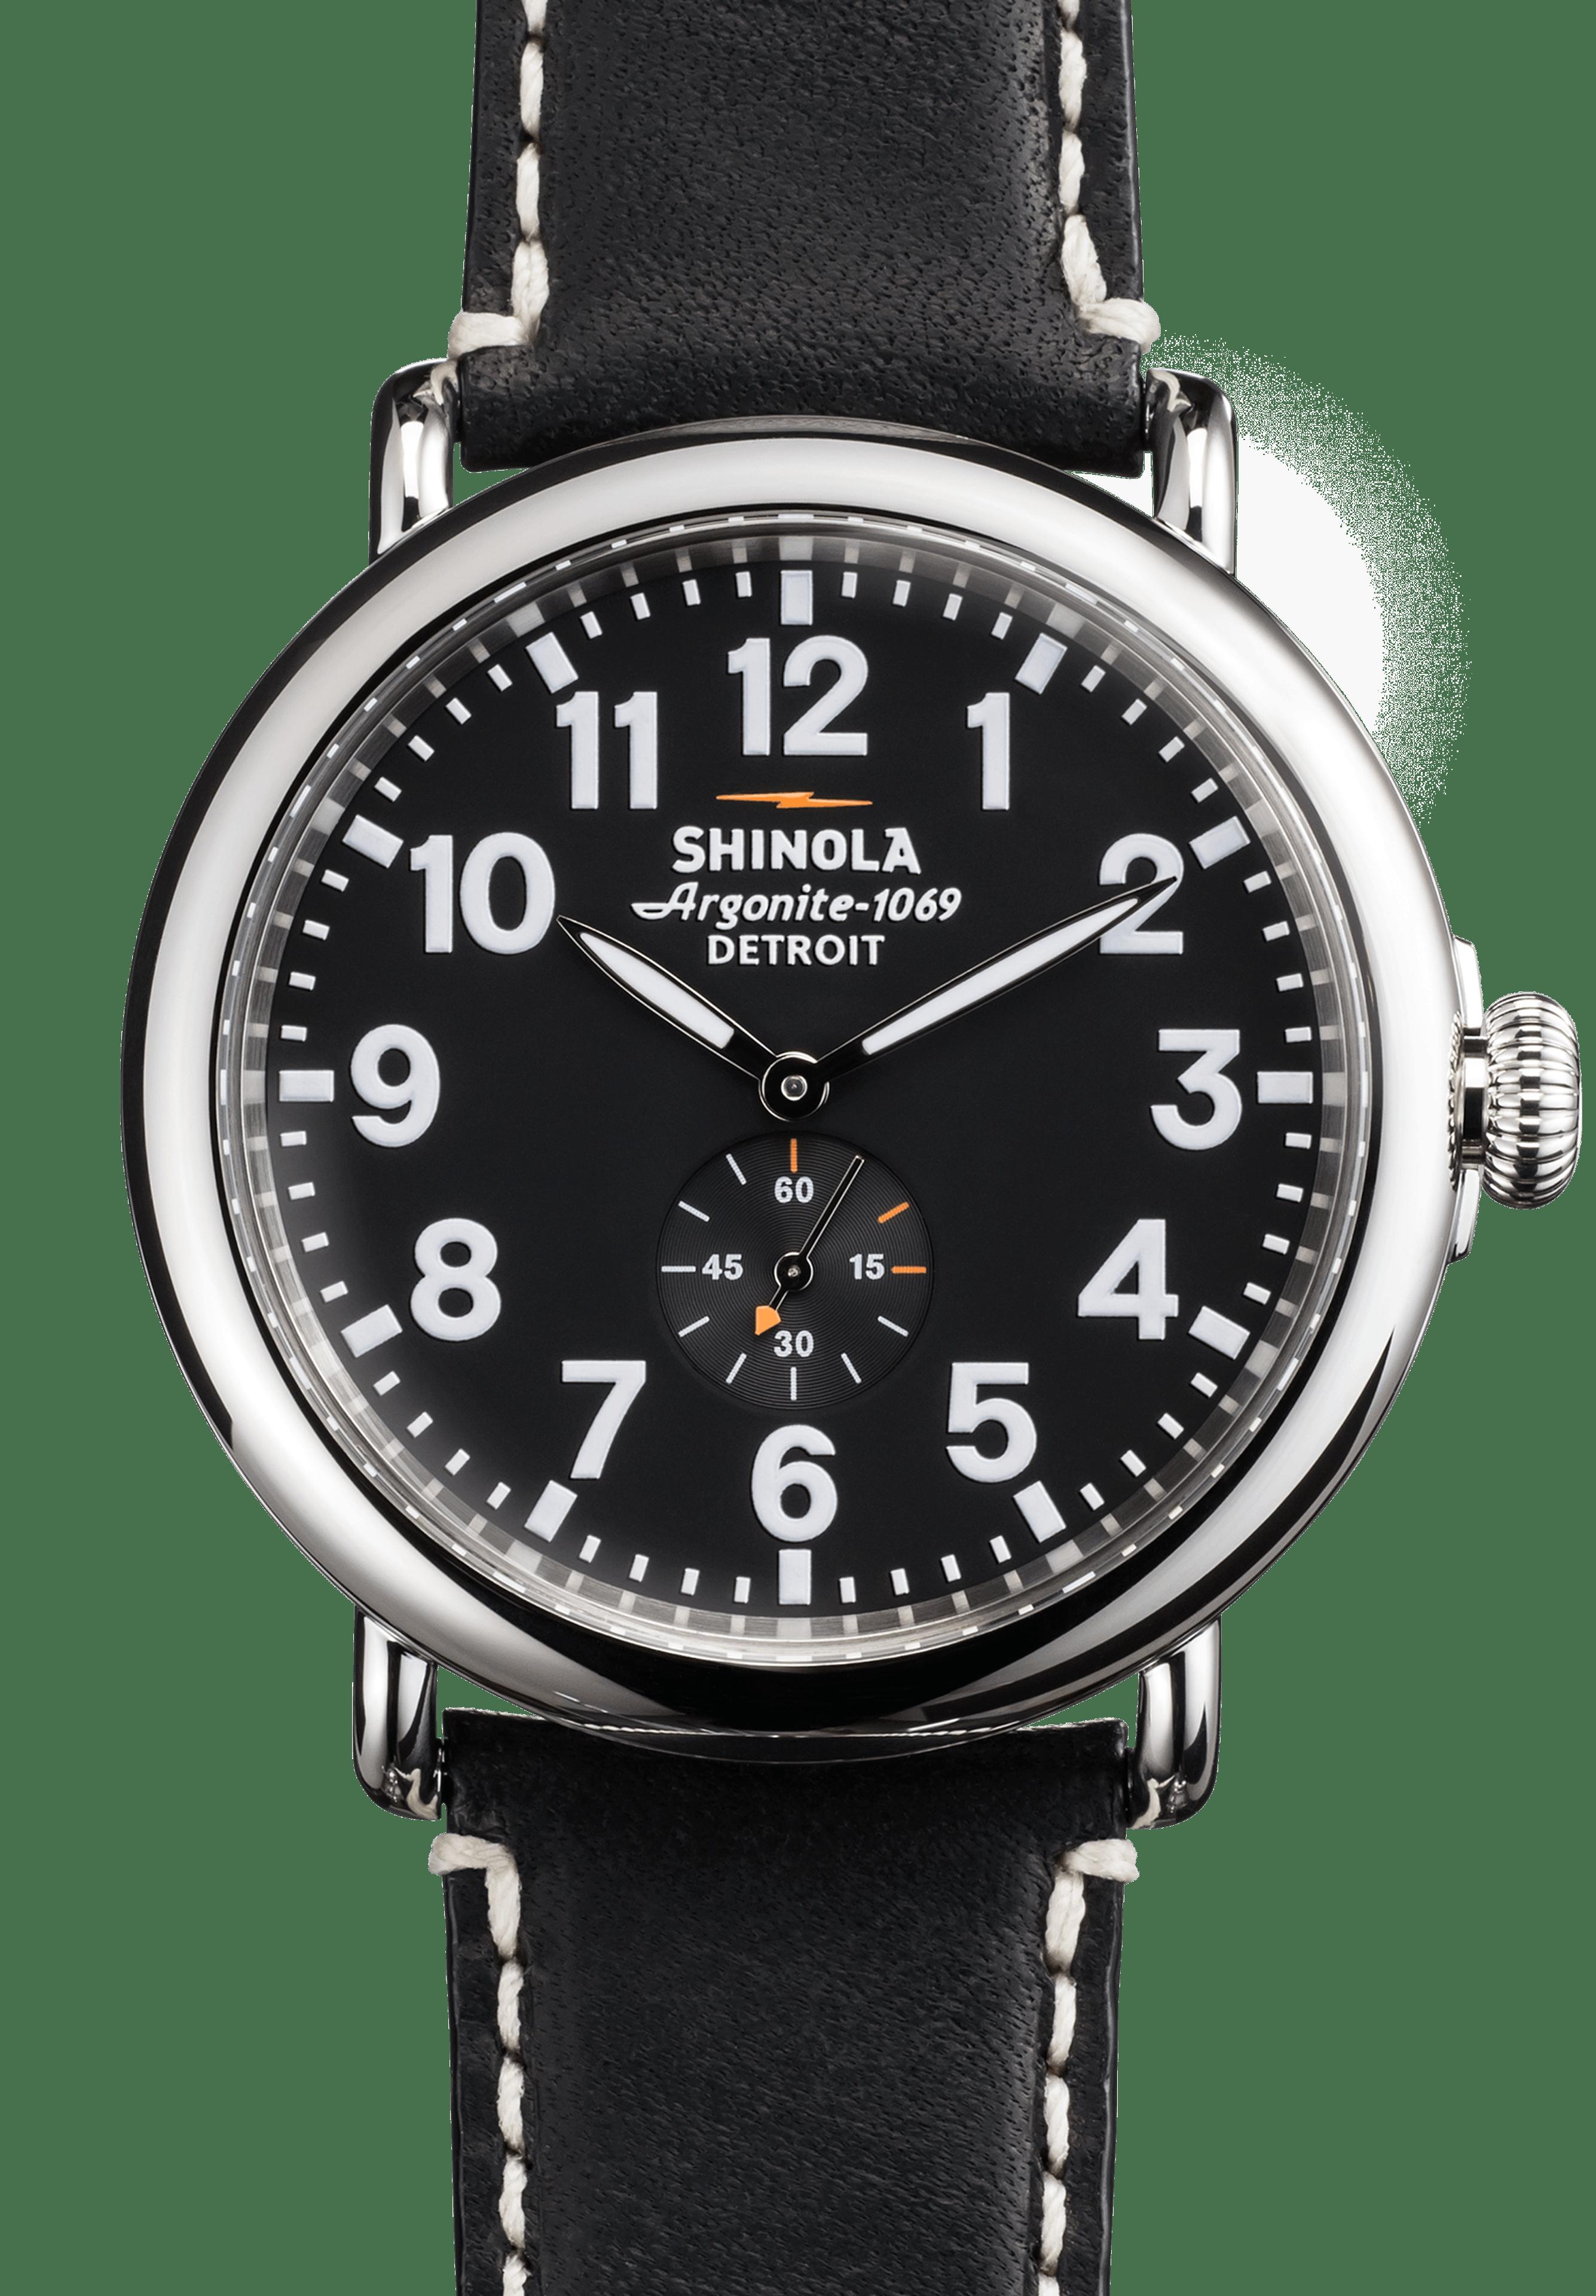 Shinola Watch | Shit Shinola | Shinola Watch Store